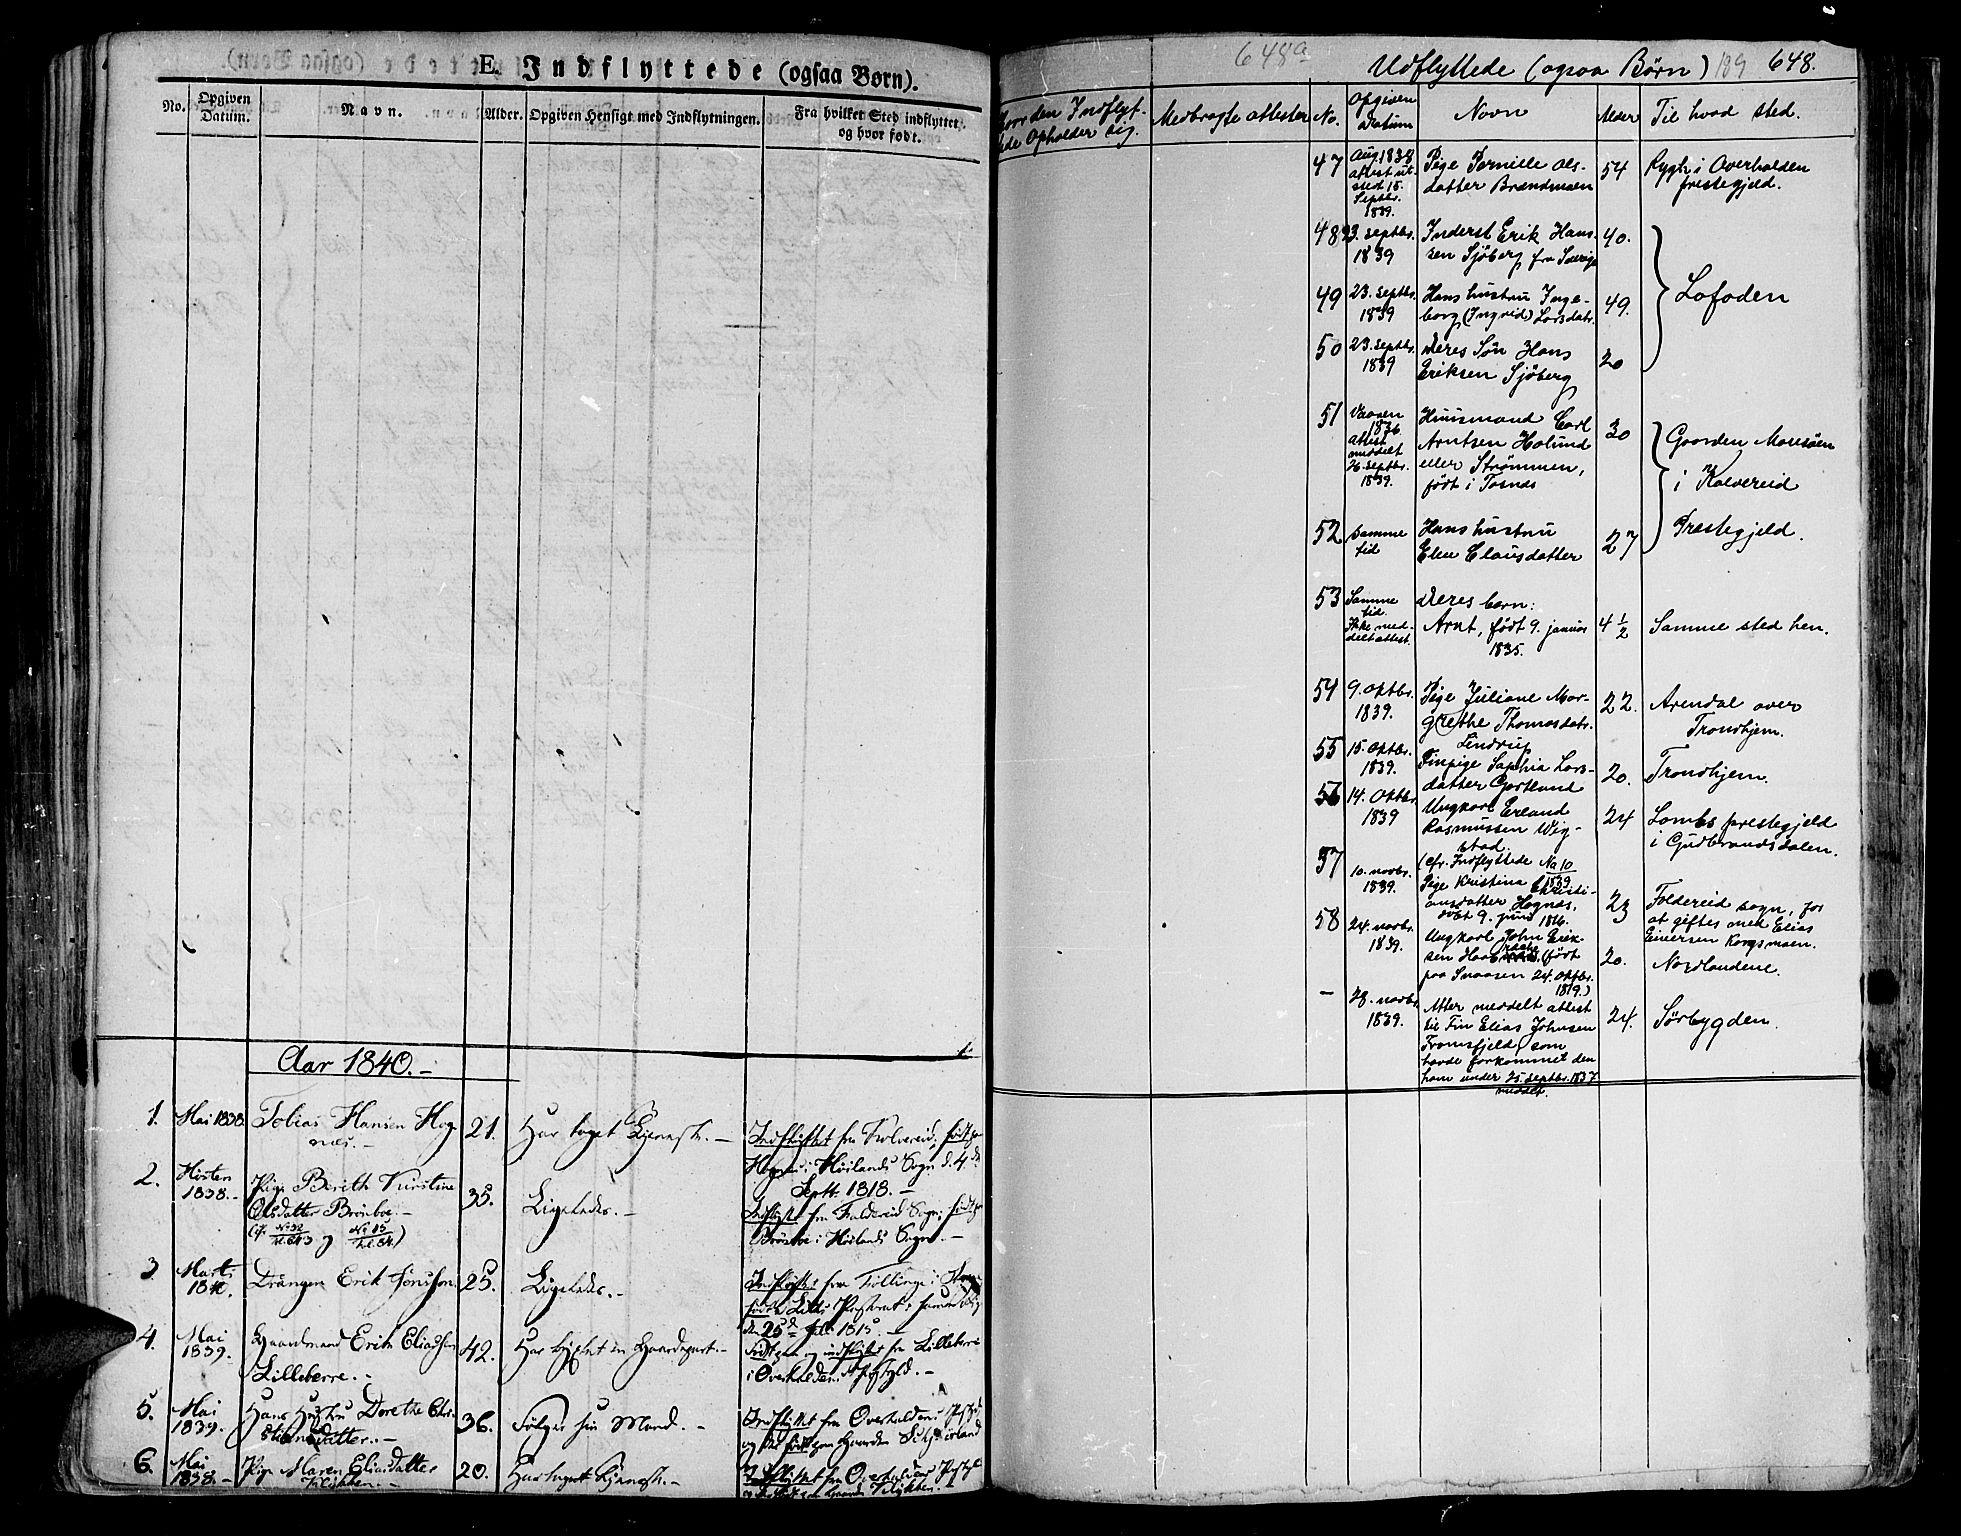 SAT, Ministerialprotokoller, klokkerbøker og fødselsregistre - Nord-Trøndelag, 758/L0510: Ministerialbok nr. 758A01 /1, 1821-1841, s. 189